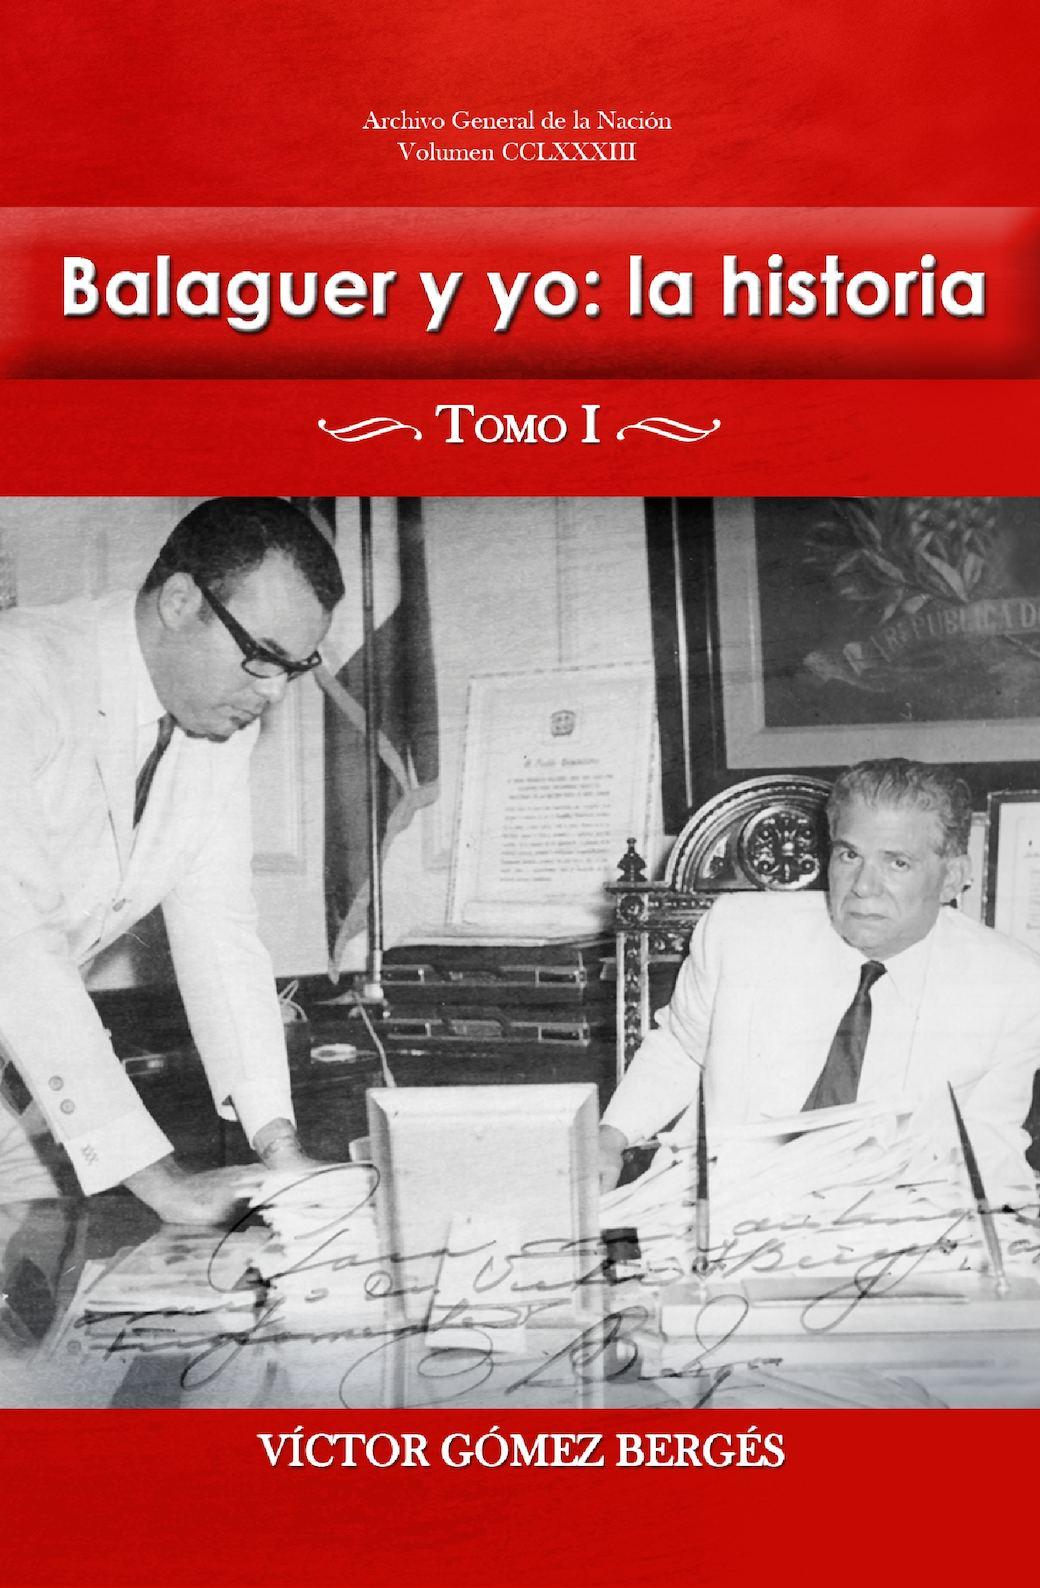 Calaméo - 283 Balaguer Y Yo La Historia Tomo 1 Victor Gomez